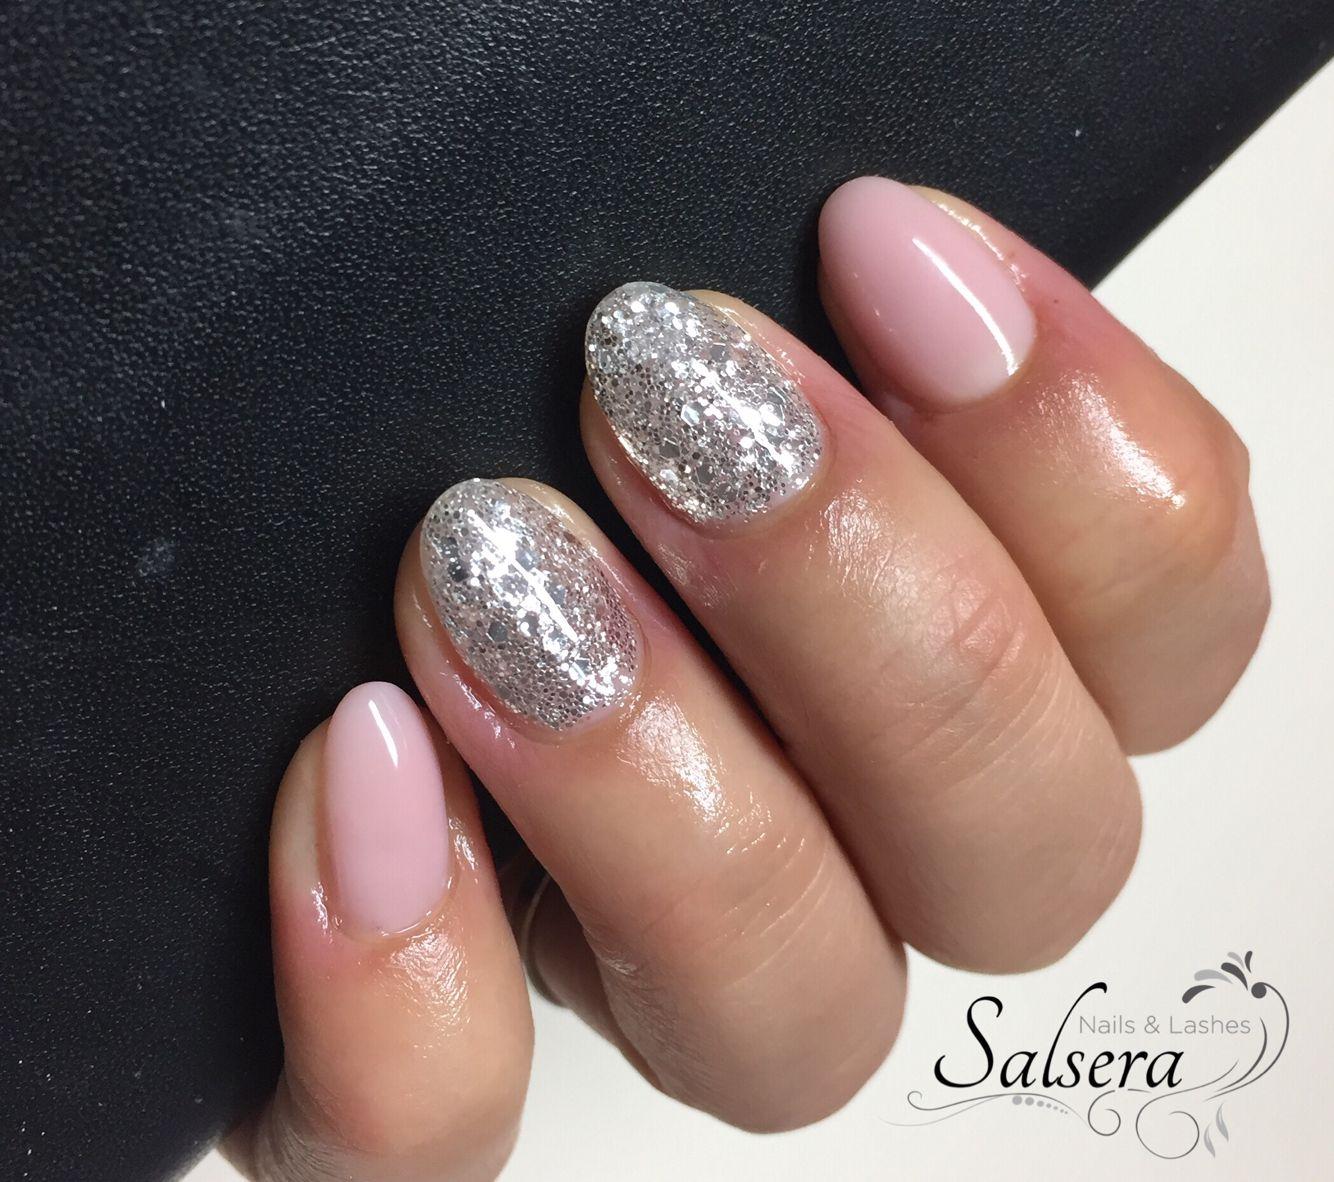 nails n gel nude glitter silber nageldesign nailart short nails nails u as n gel. Black Bedroom Furniture Sets. Home Design Ideas